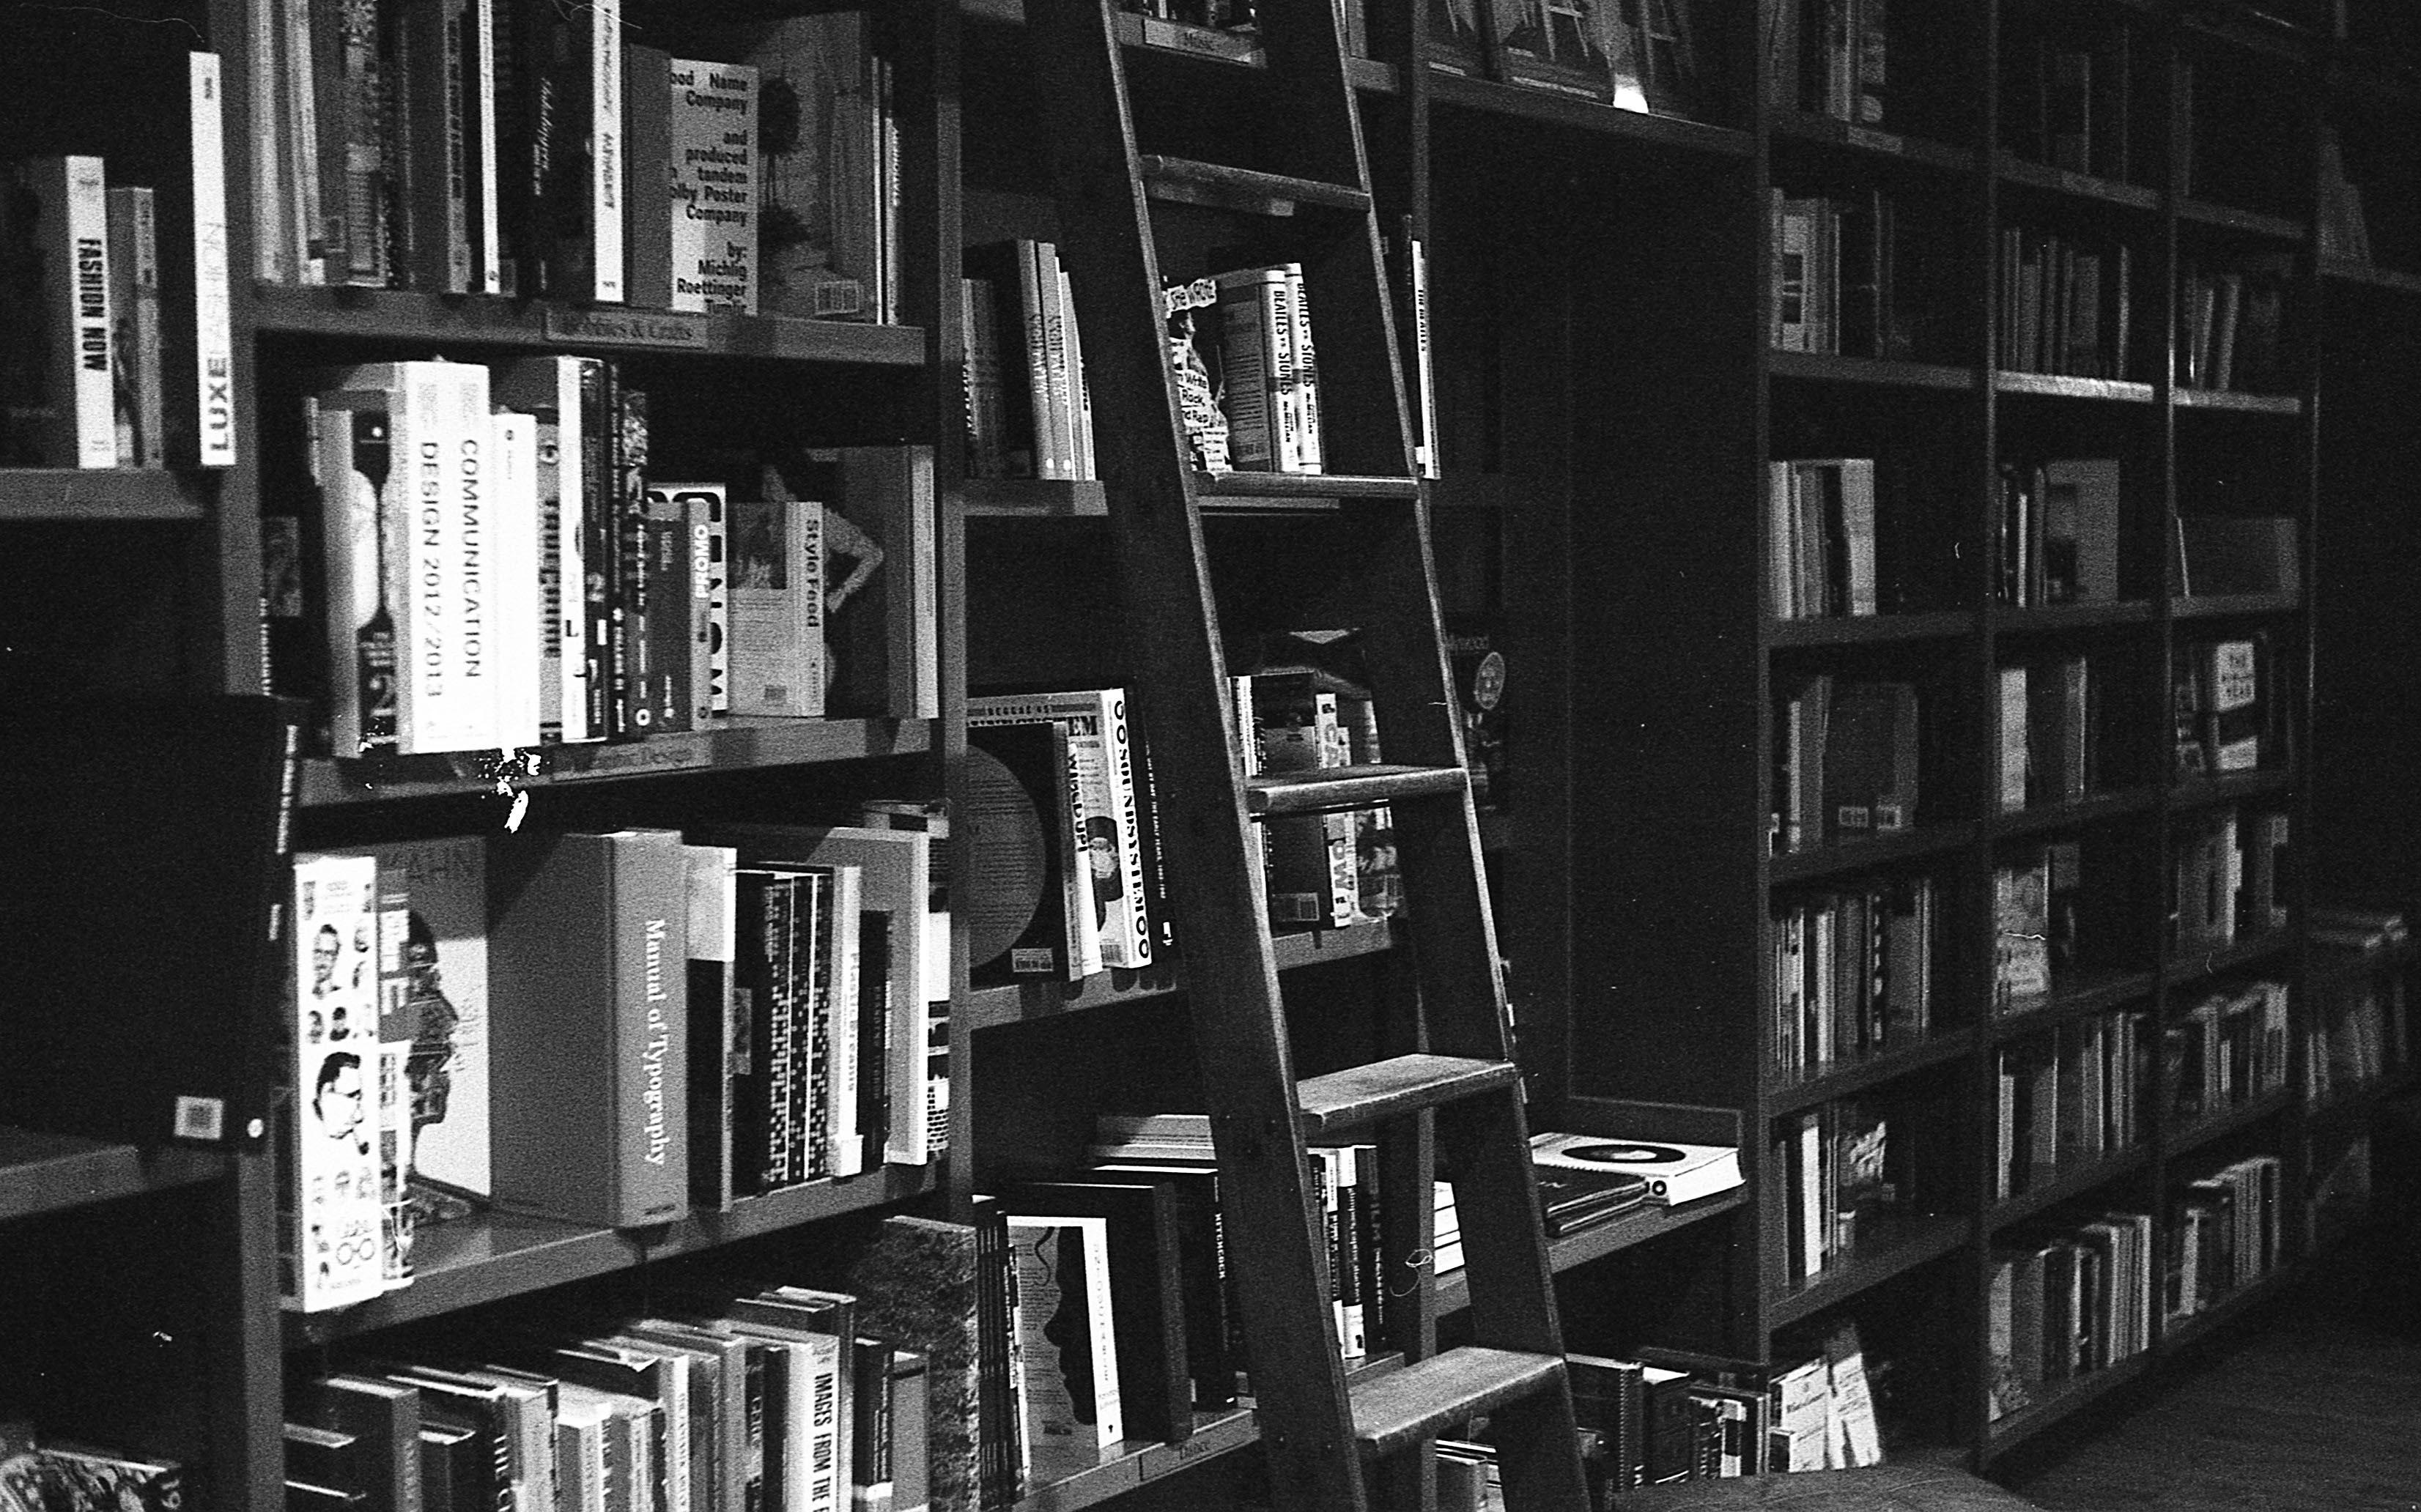 A room needs a book like a body